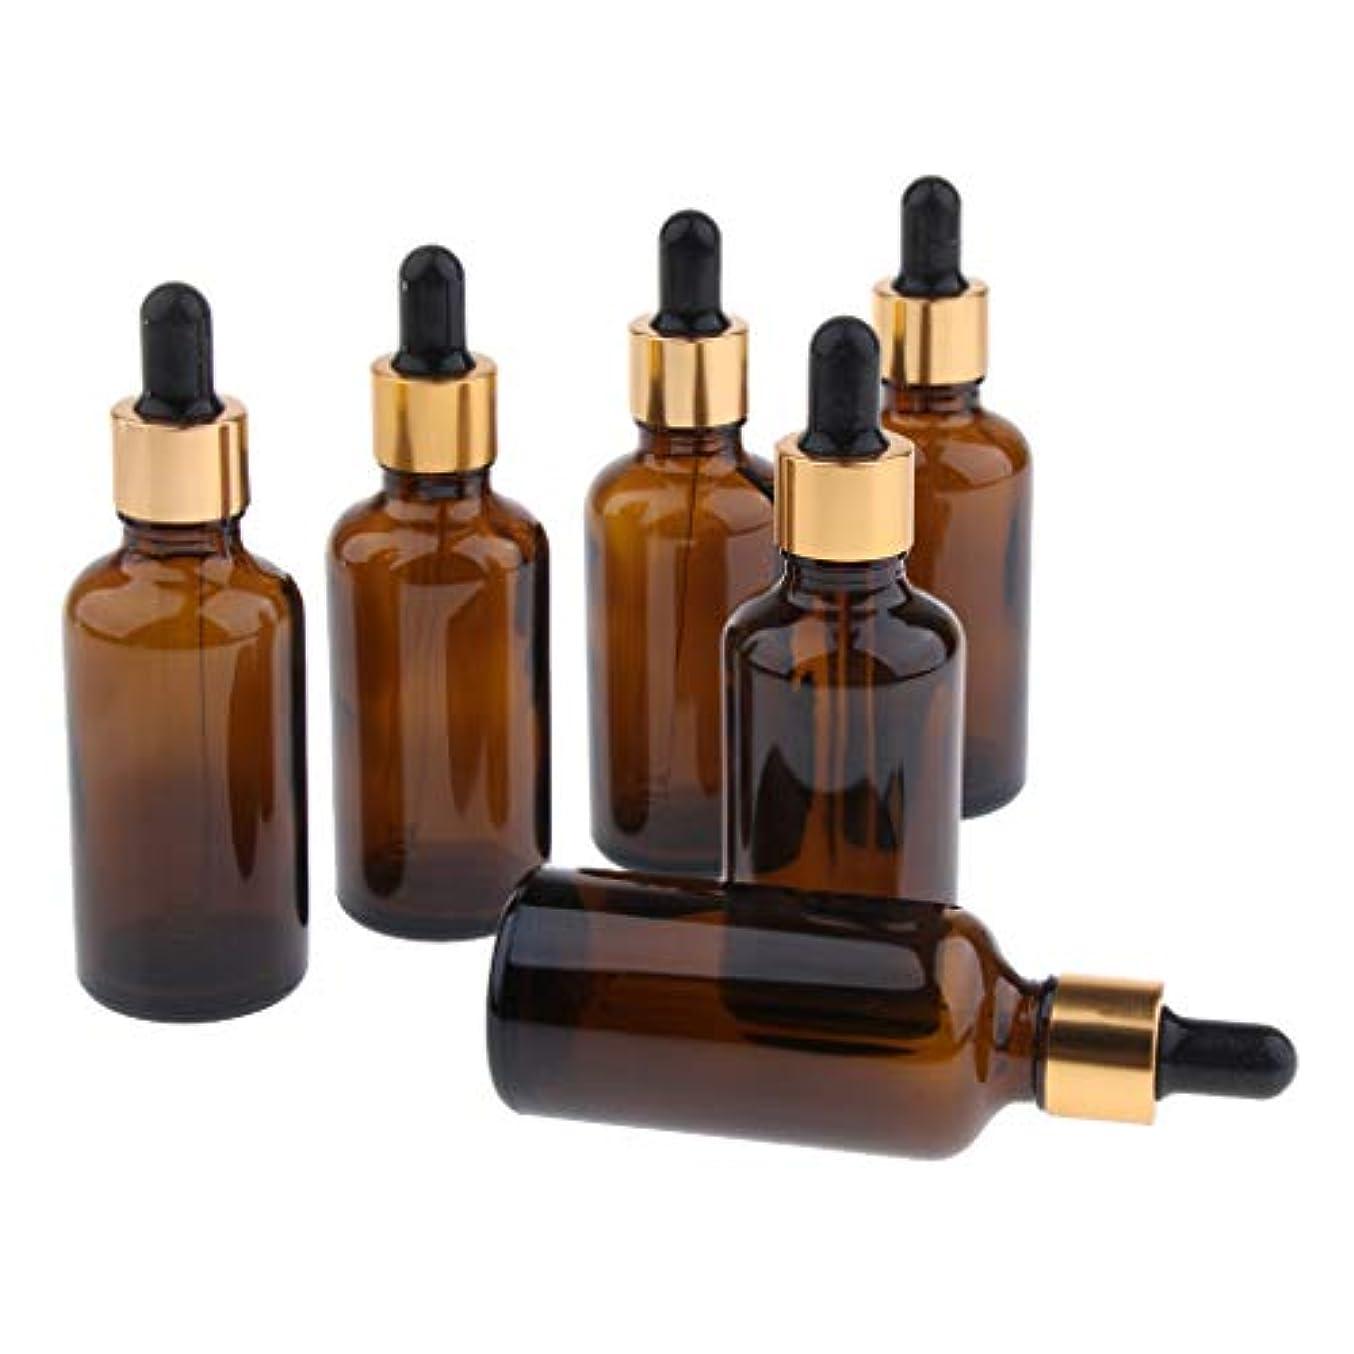 克服する乳剤反応するD DOLITY 6本セット 遮光精油瓶 香水瓶 空瓶 ガラス瓶 スポイトボトル 詰め替え用瓶 旅行用品 マルチ容量 - 50ml